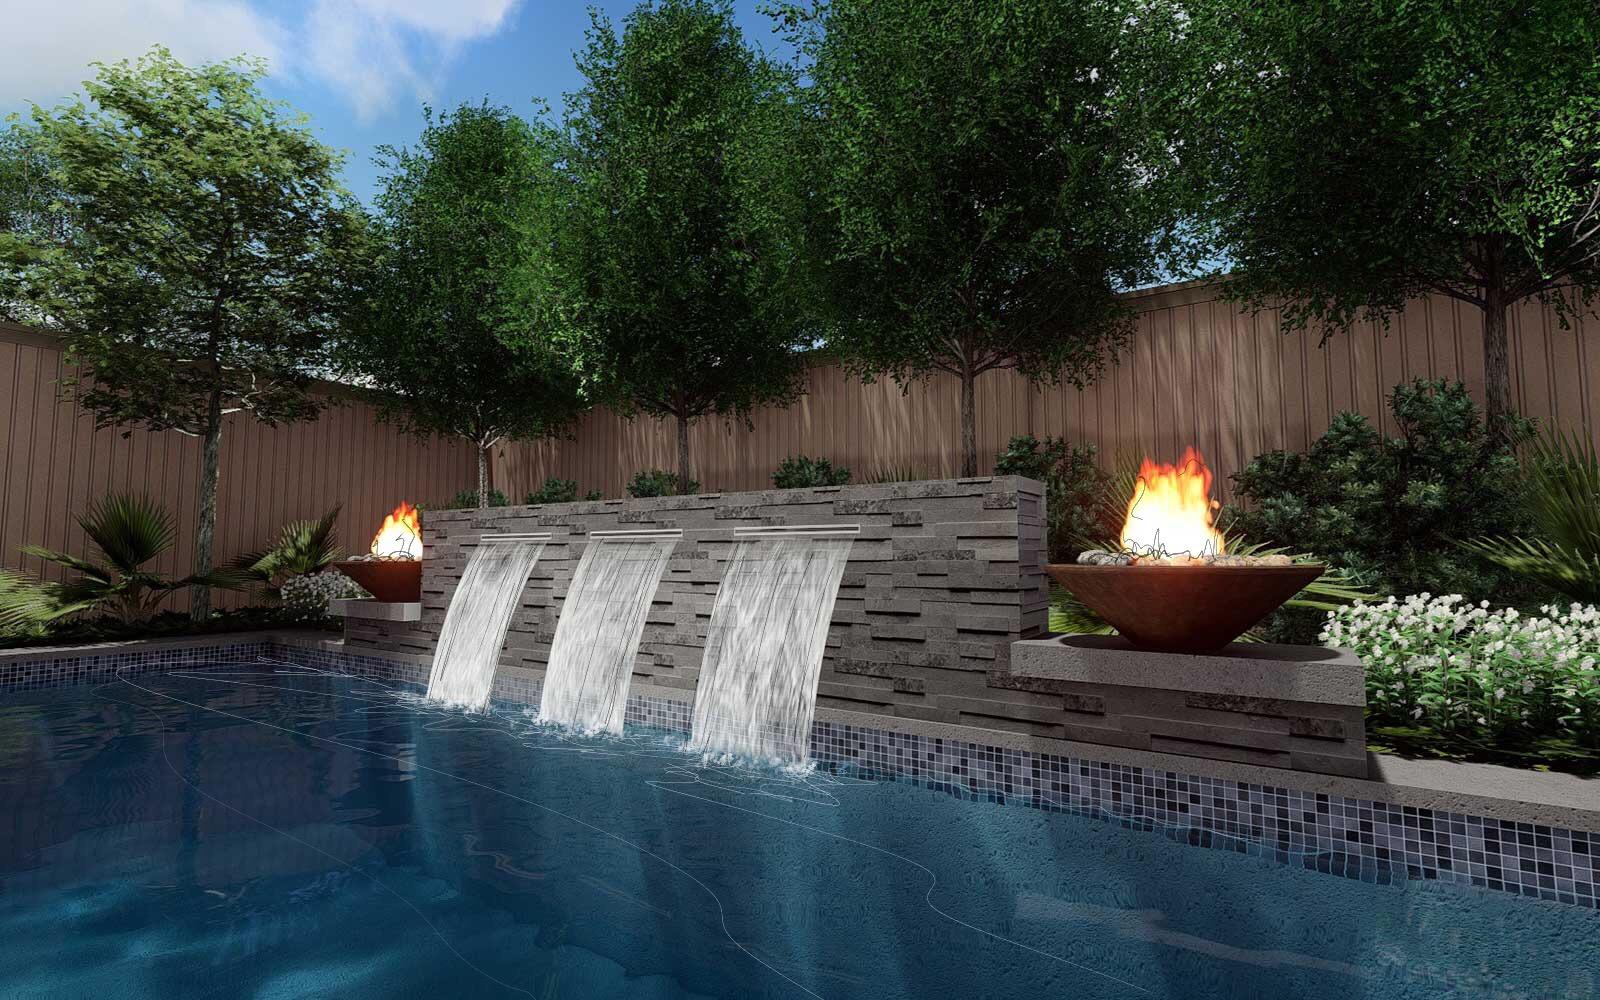 mccommas-modern-pool-design-01.jpg